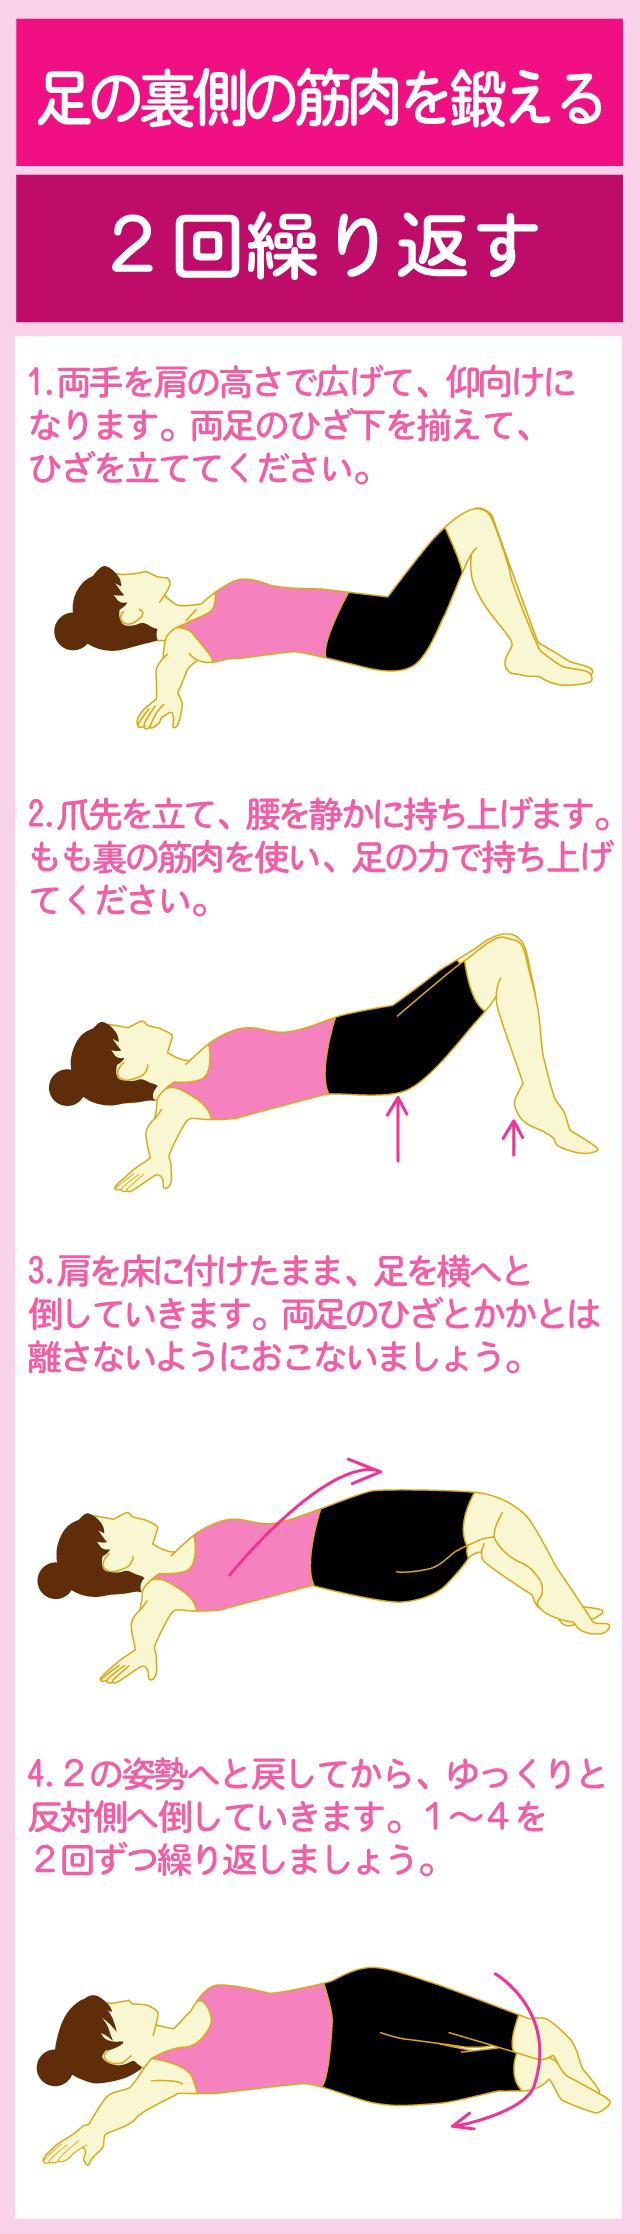 脚の裏側の筋肉を鍛える